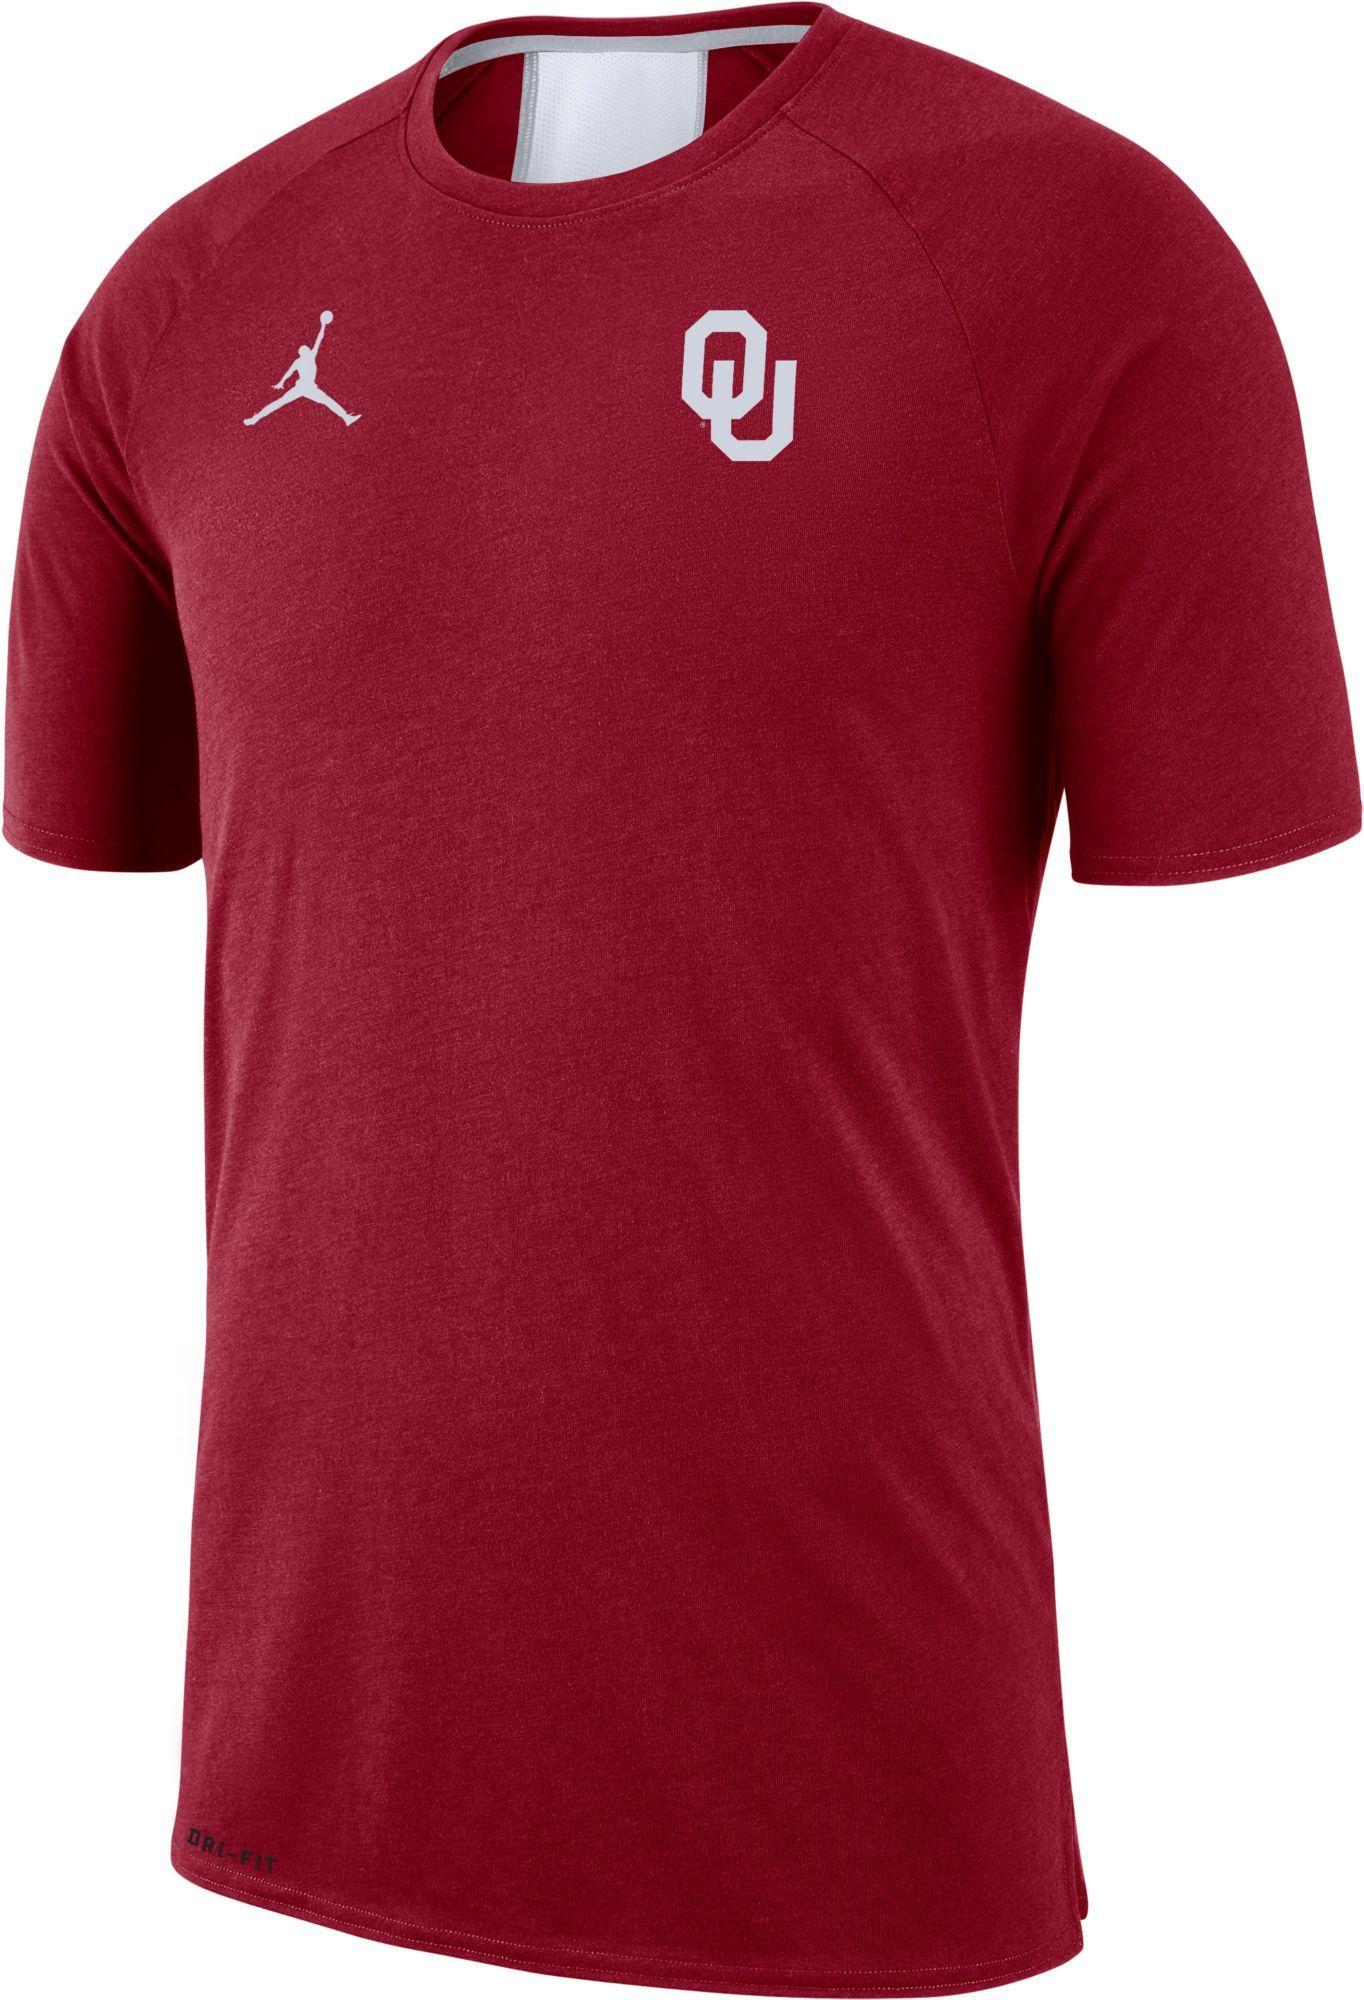 1c22699d860574 Jordan Men s Oklahoma Sooners Crimson Alpha Dri-FIT T-Shirt